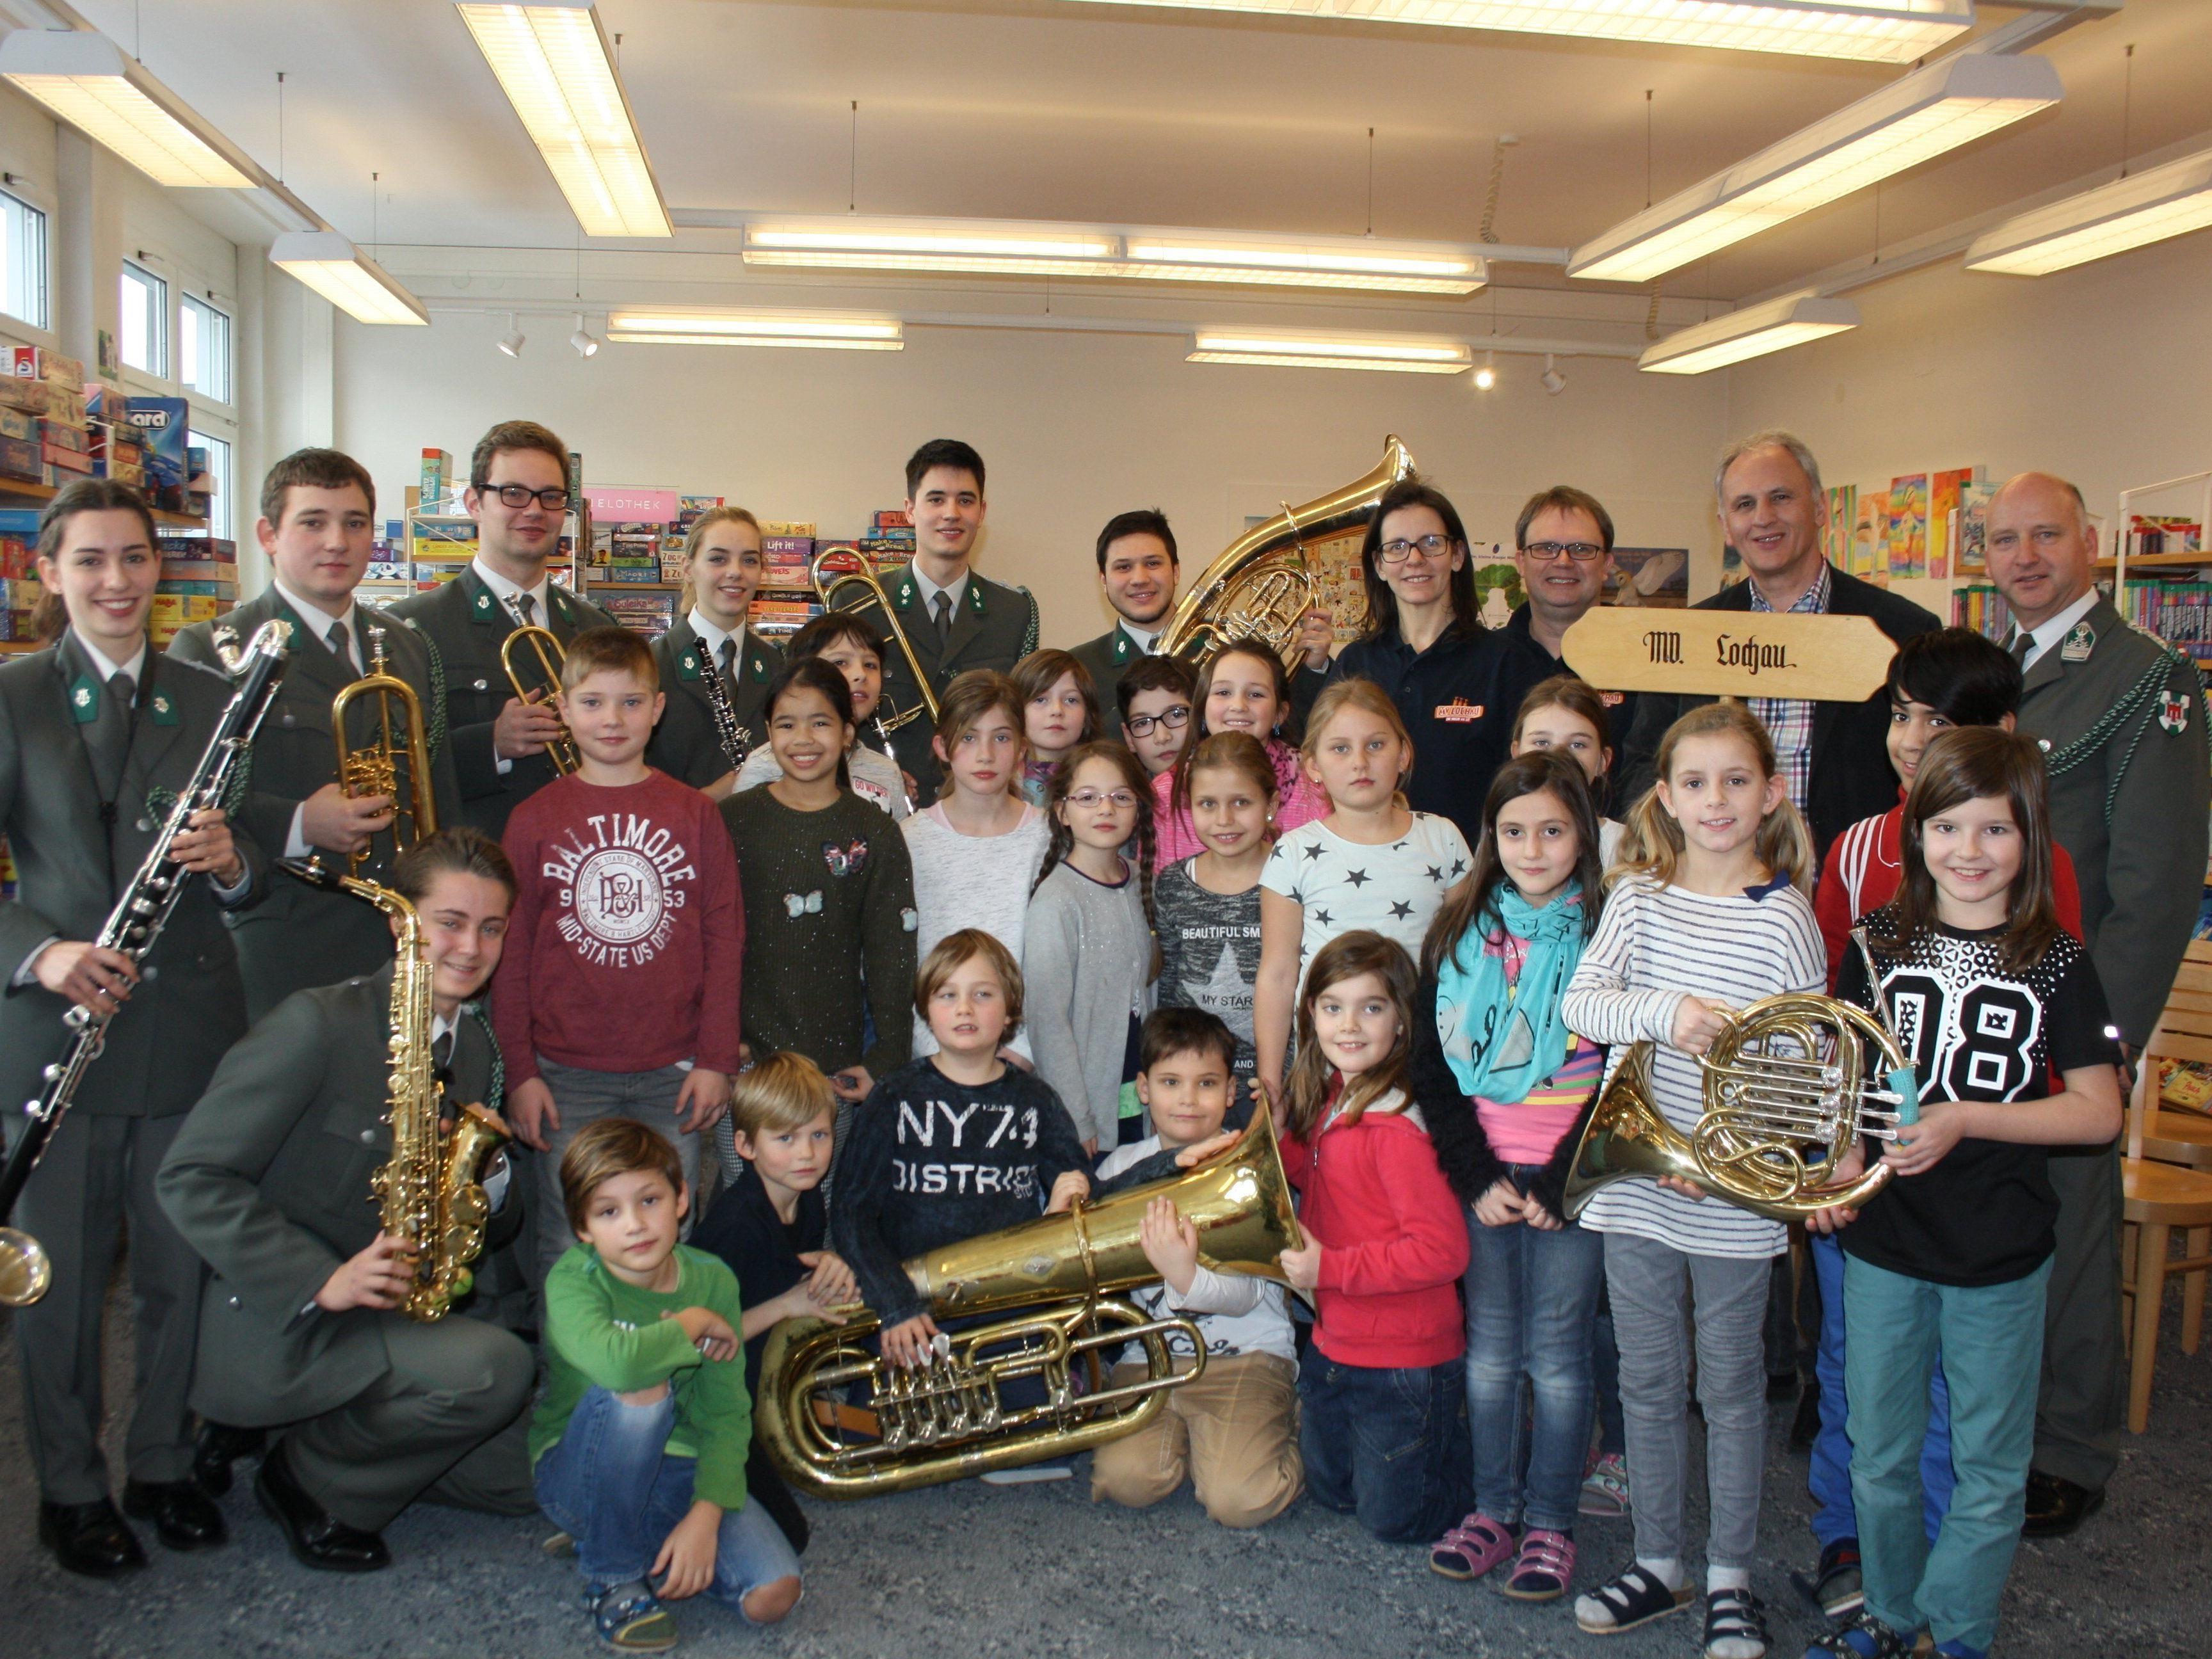 Die Musikanten der Militärmusik Vorarlberg begeisterten zusammen mit Vorstand Wolfram Baldauf und den Jugendreferenten des Musikvereines Lochau, Michaela und Michael Schmid, die Schüler für die Blasmusik.